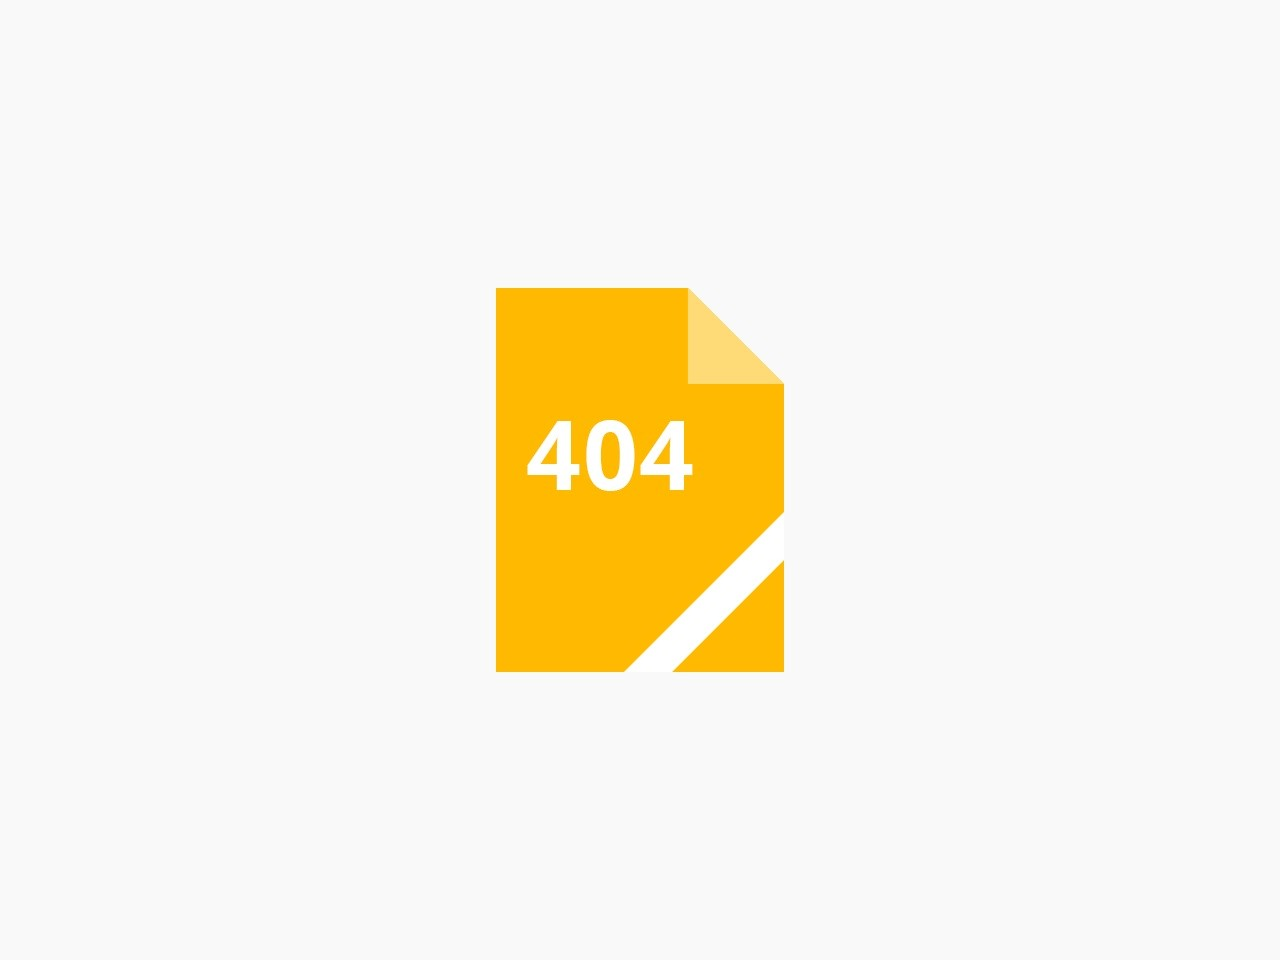 千梦网创108计第65计:闲鱼免费送项目2.0(附复盘爆款技巧) | 米库网